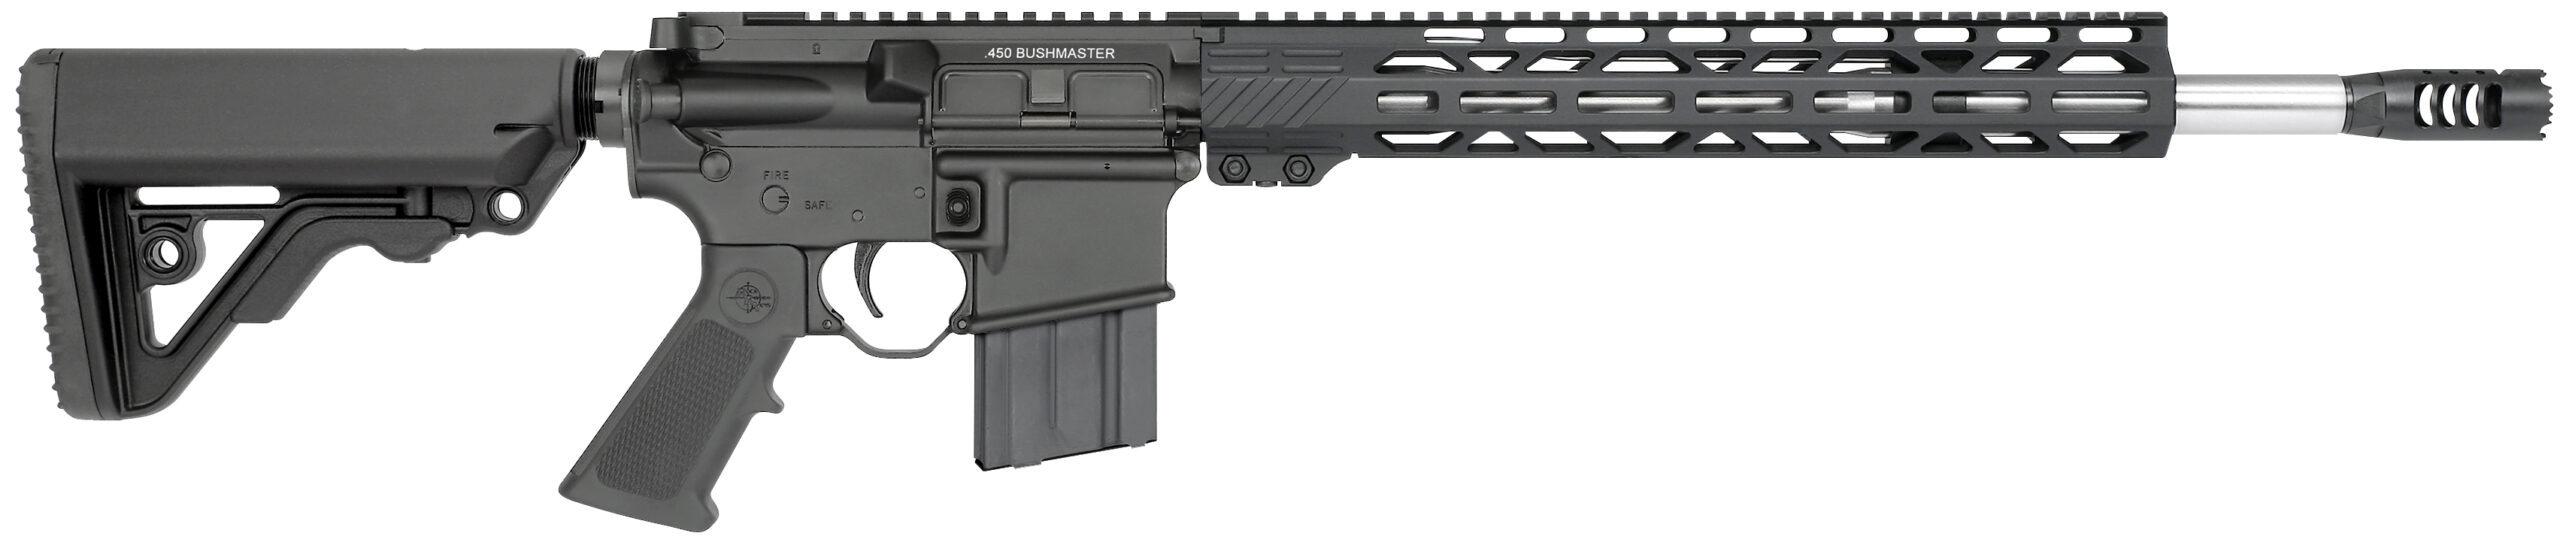 LAR-15M .450 Bushmaster